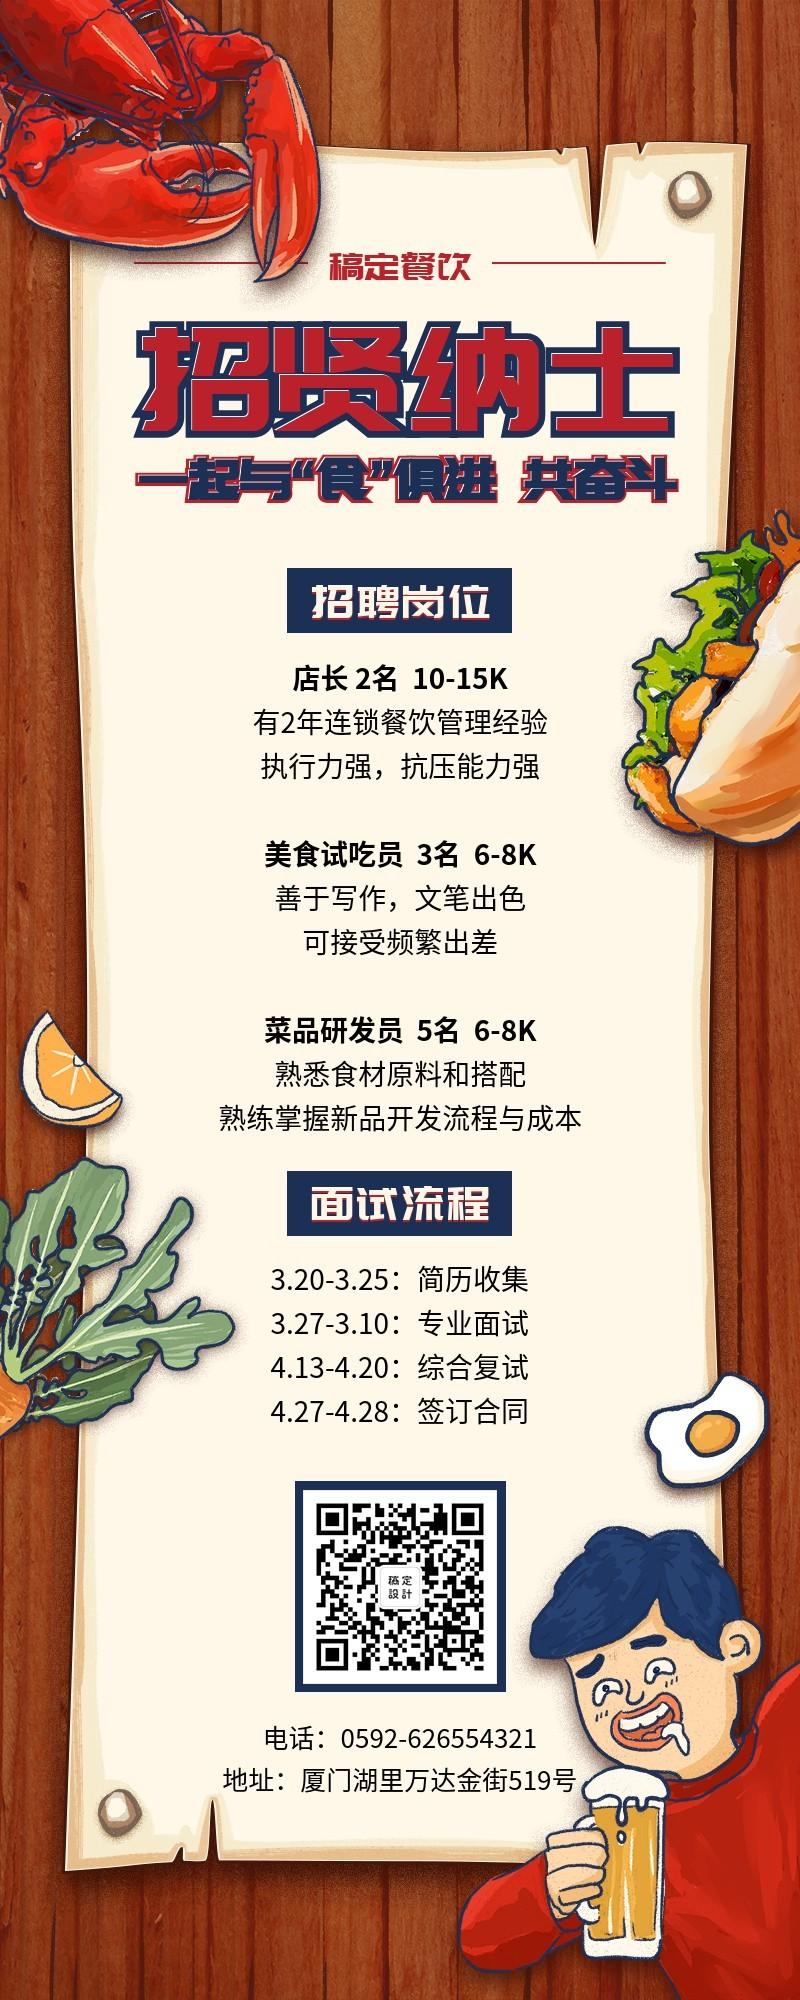 餐饮店招贤纳士招聘长图